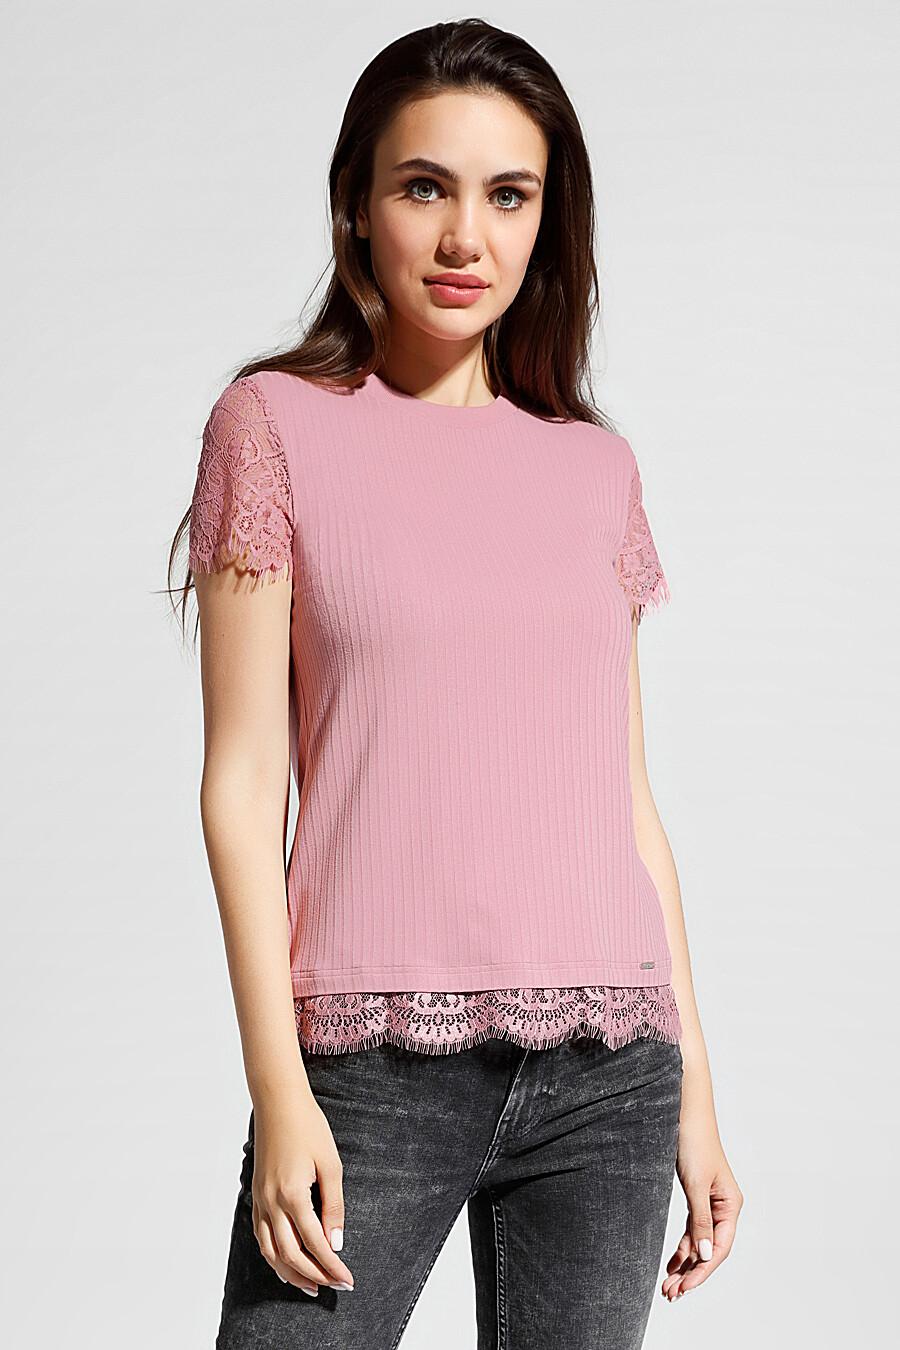 Топ для женщин CONTE ELEGANT 148338 купить оптом от производителя. Совместная покупка женской одежды в OptMoyo